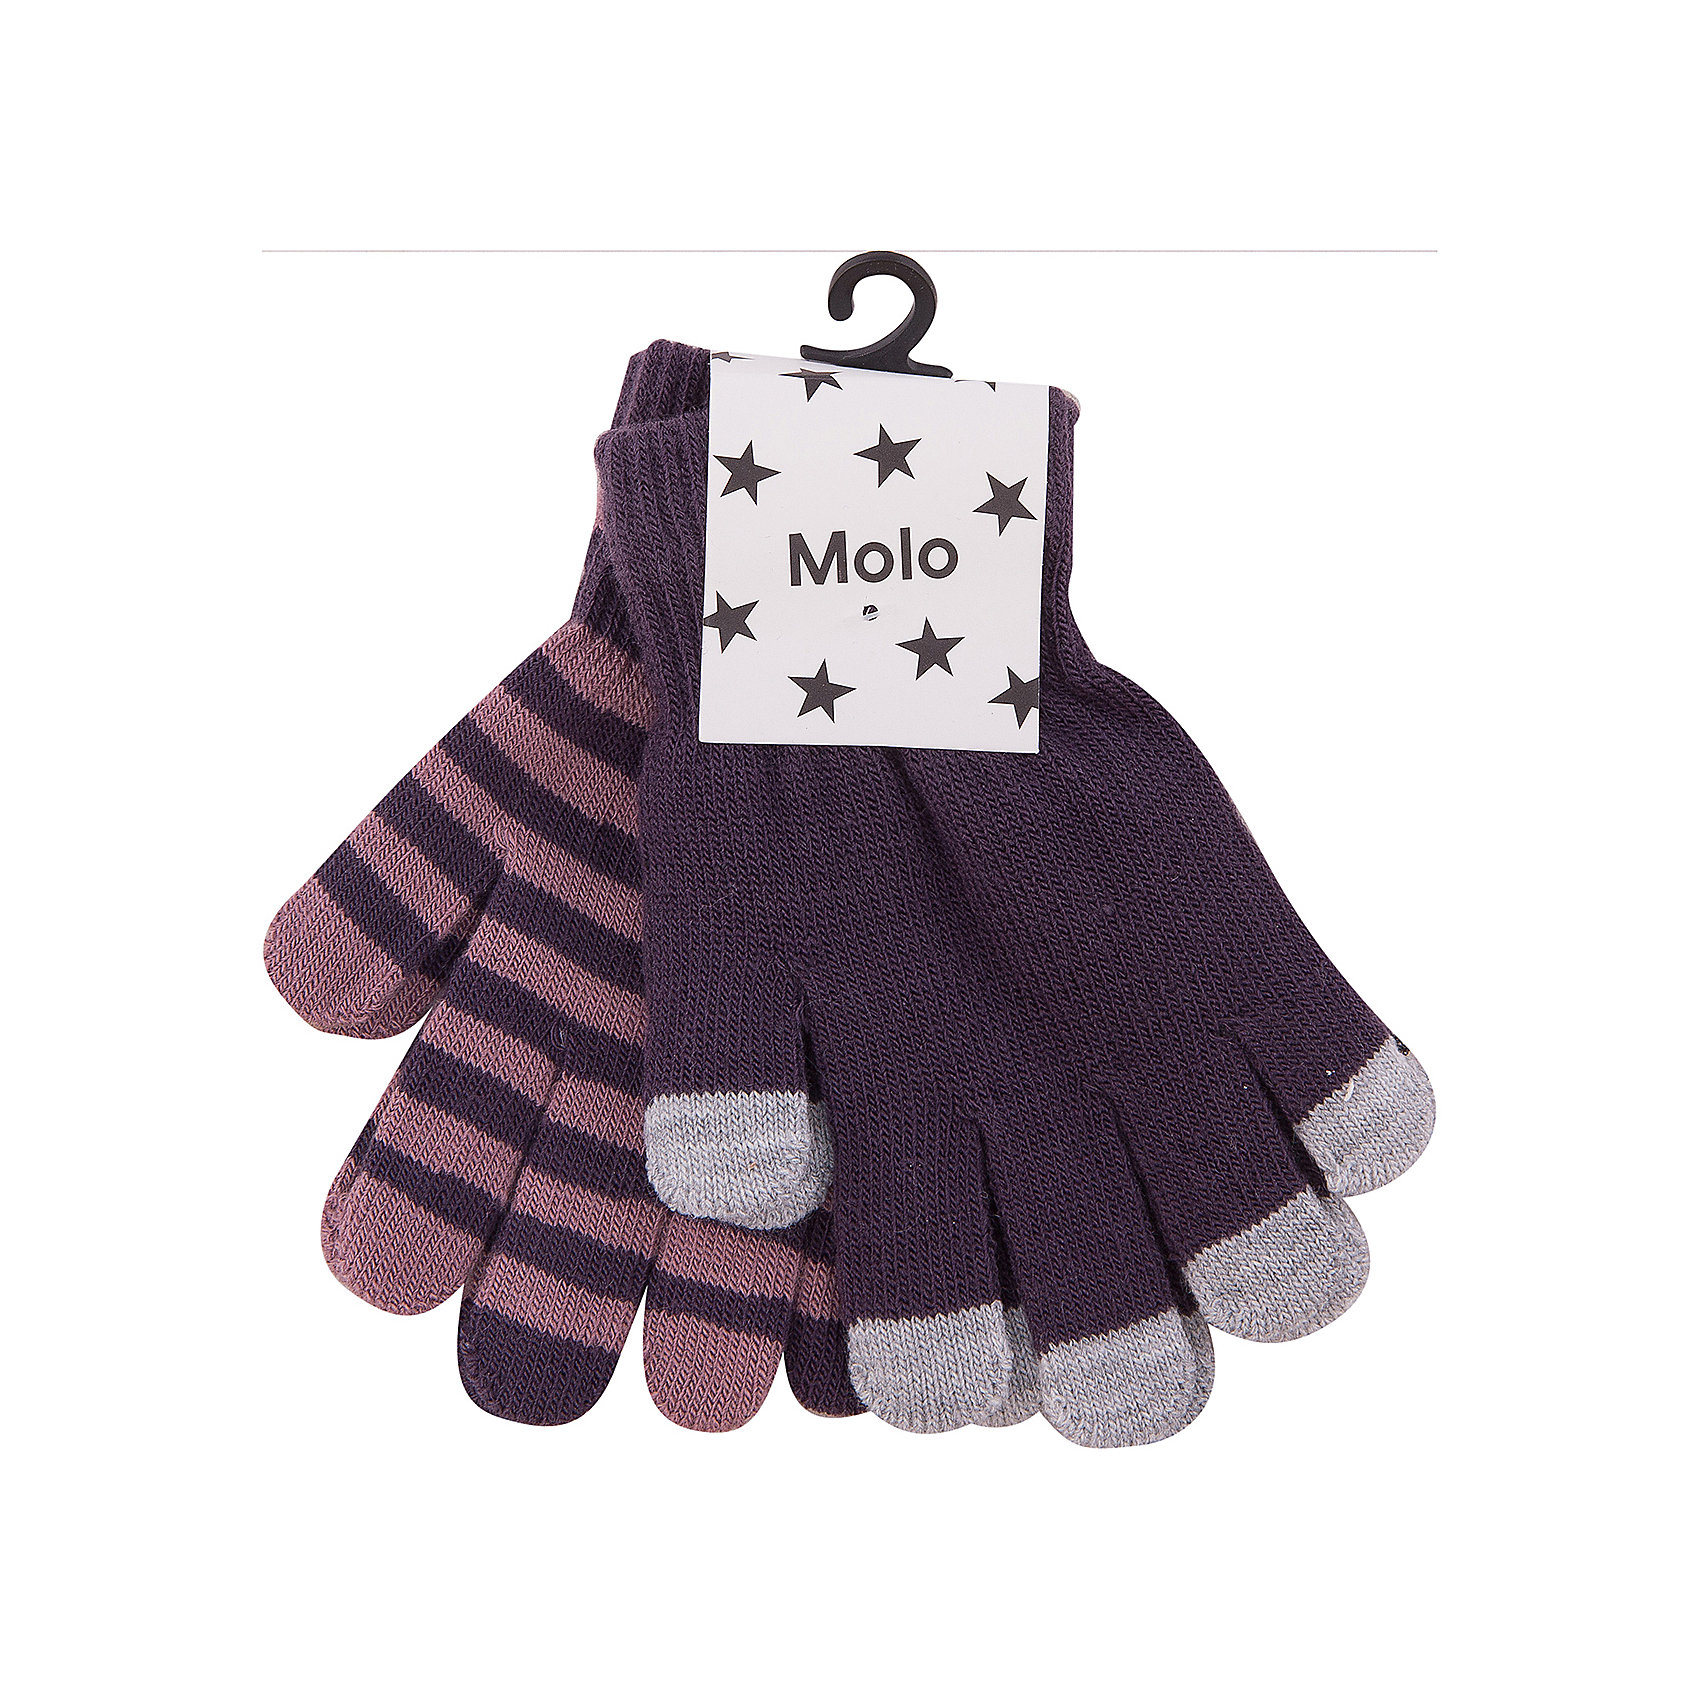 Перчатки MOLO для девочкиПерчатки, варежки<br>Характеристики товара:<br><br>• цвет: фиолетовый<br>• комплектация: 2 пары<br>• состав ткани: 83% акрил, 15% спандекс, 2% эластан<br>• утеплитель: нет<br>• сезон: демисезон<br>• температурный режим: от -10 до +10<br>• застежка: нет<br>• страна бренда: Дания<br>• страна изготовитель: Китай<br><br>Демисезонные детские перчатки сделаны из качественного материала - плотного трикотажа. Детские перчатки созданы для защиты от холода в межсезонье и небольшой мороз. Детские теплые перчатки не давят на руку благодаря мягкой резинке. Такие трикотажные перчатки для ребенка отличаются модным дизайном. <br><br>Перчатки для девочки Molo (Моло) можно купить в нашем интернет-магазине.<br><br>Ширина мм: 162<br>Глубина мм: 171<br>Высота мм: 55<br>Вес г: 119<br>Цвет: черный<br>Возраст от месяцев: 36<br>Возраст до месяцев: 120<br>Пол: Женский<br>Возраст: Детский<br>Размер: one size<br>SKU: 6995224